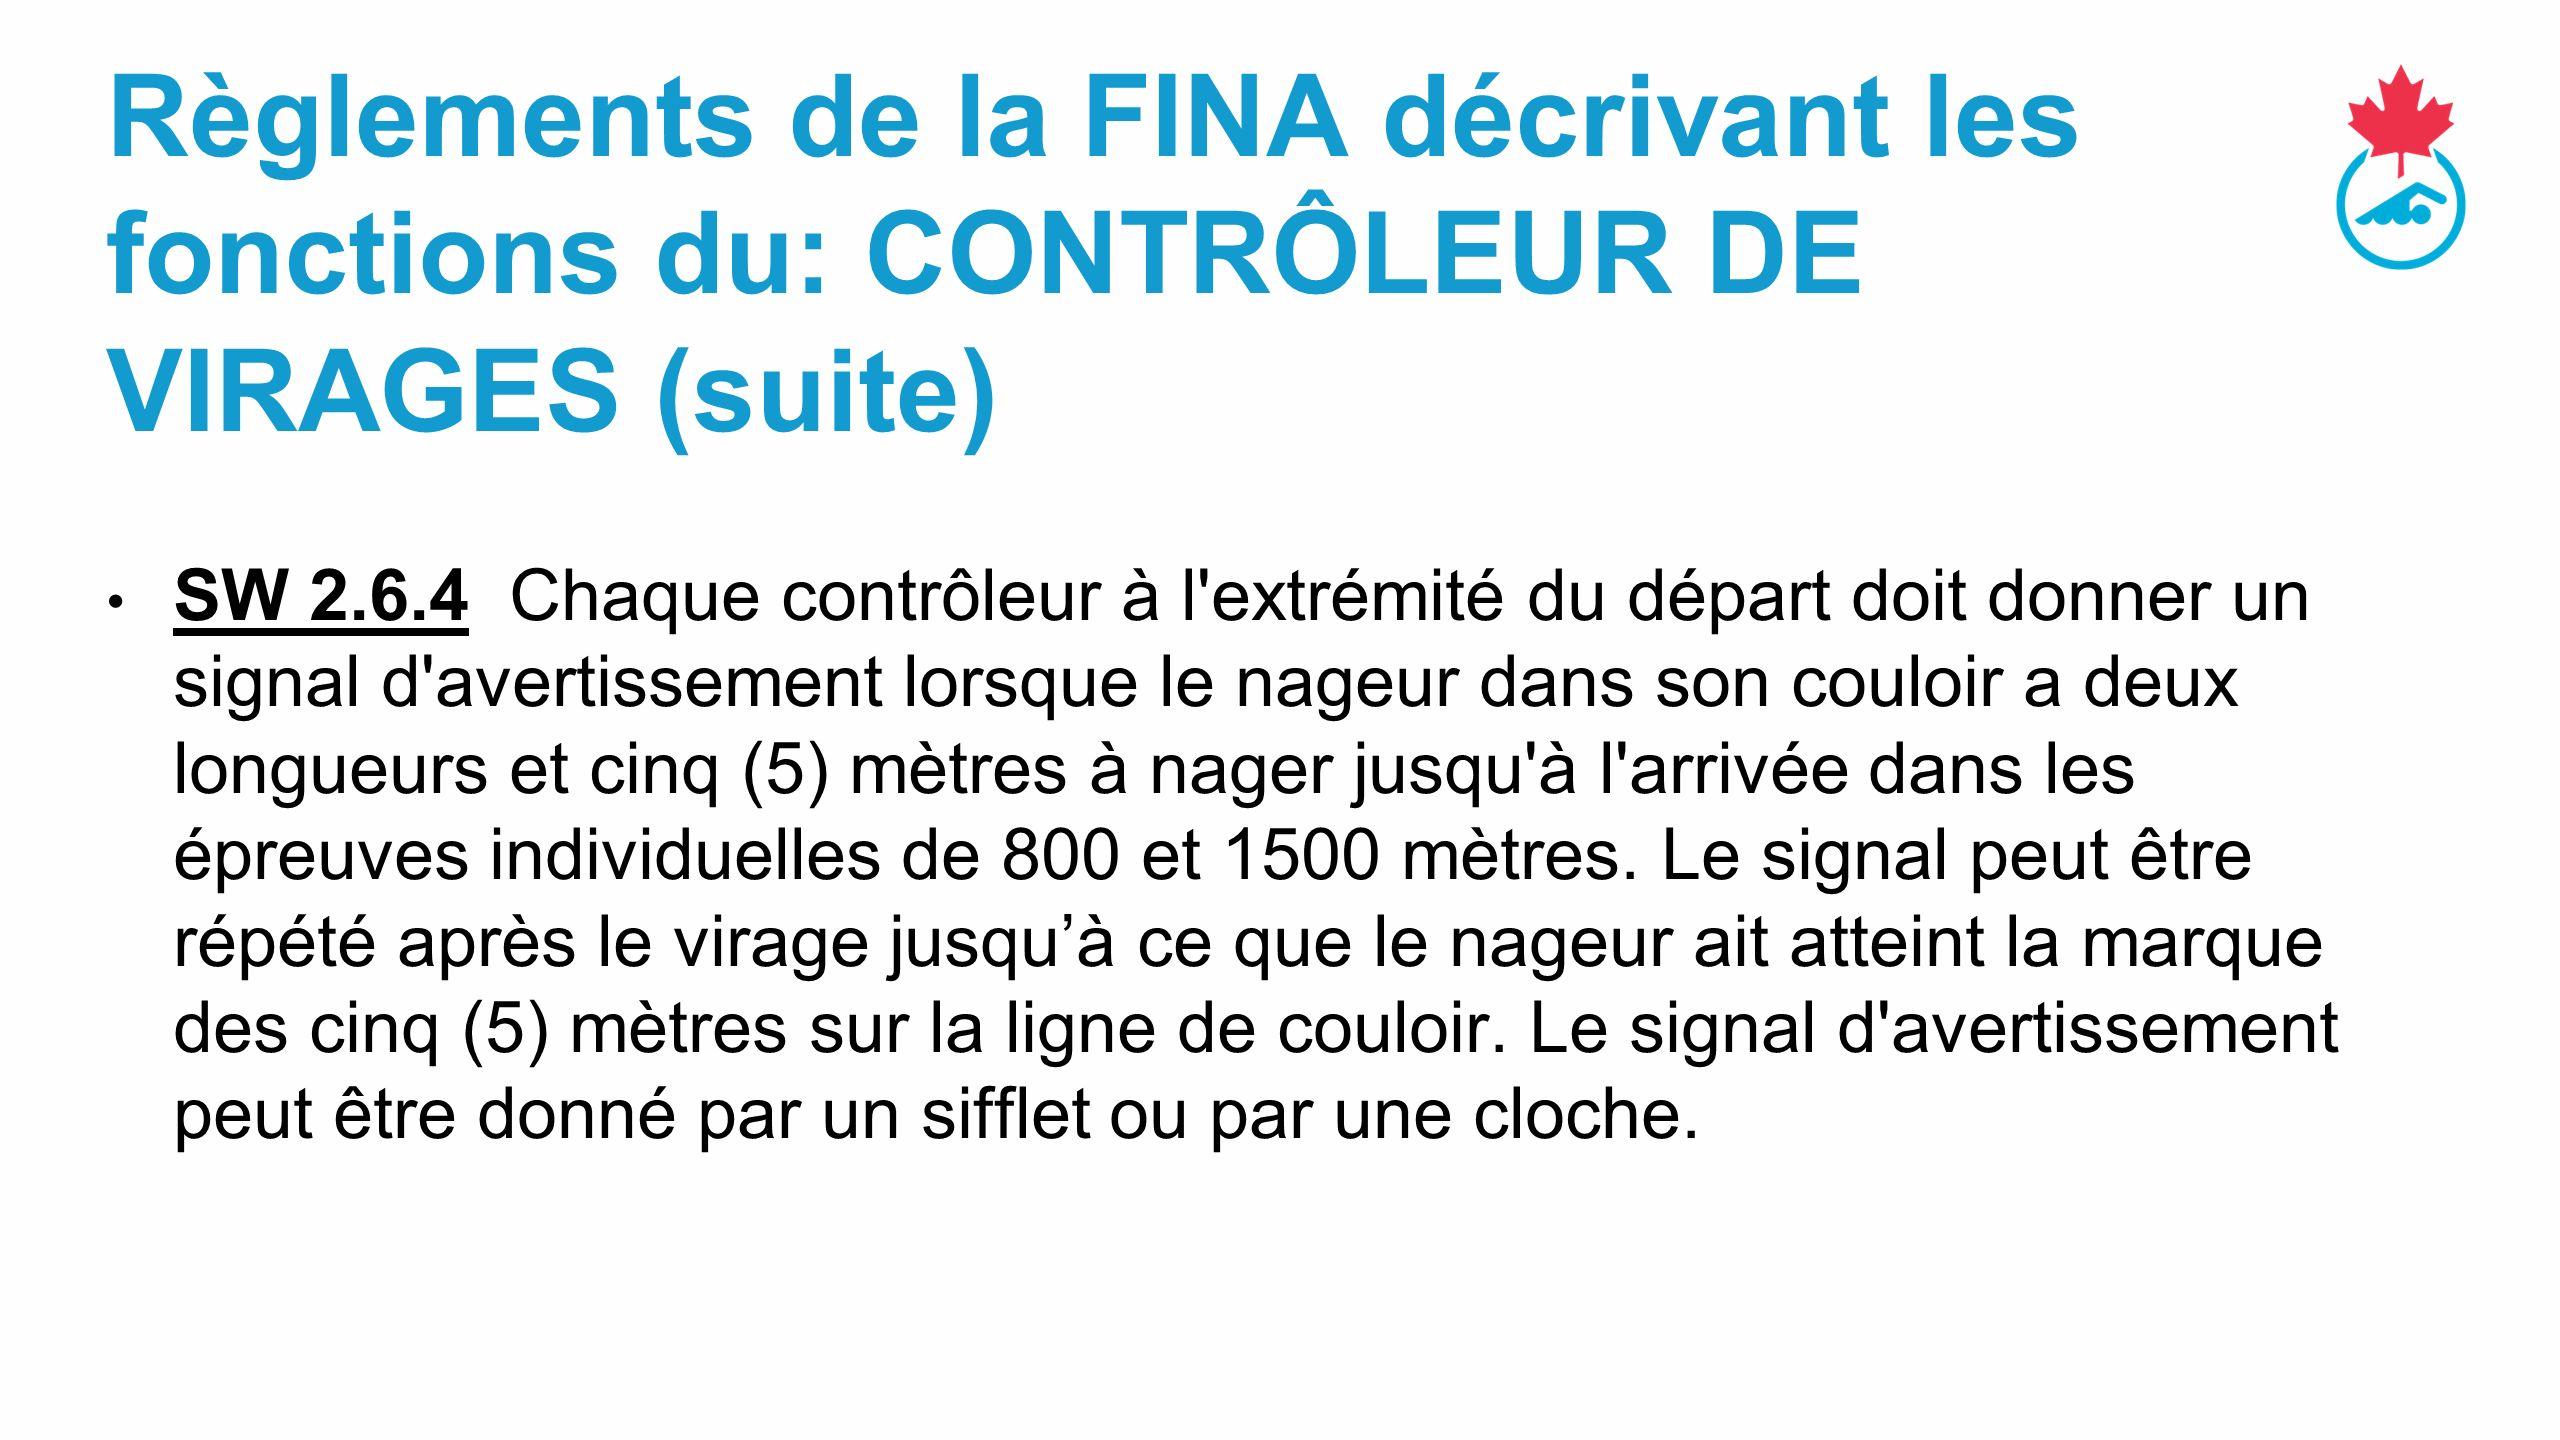 Règlements de la FINA décrivant les fonctions du: CONTRÔLEUR DE VIRAGES (suite) SW 2.6.4 Chaque contrôleur à l extrémité du départ doit donner un signal d avertissement lorsque le nageur dans son couloir a deux longueurs et cinq (5) mètres à nager jusqu à l arrivée dans les épreuves individuelles de 800 et 1500 mètres.